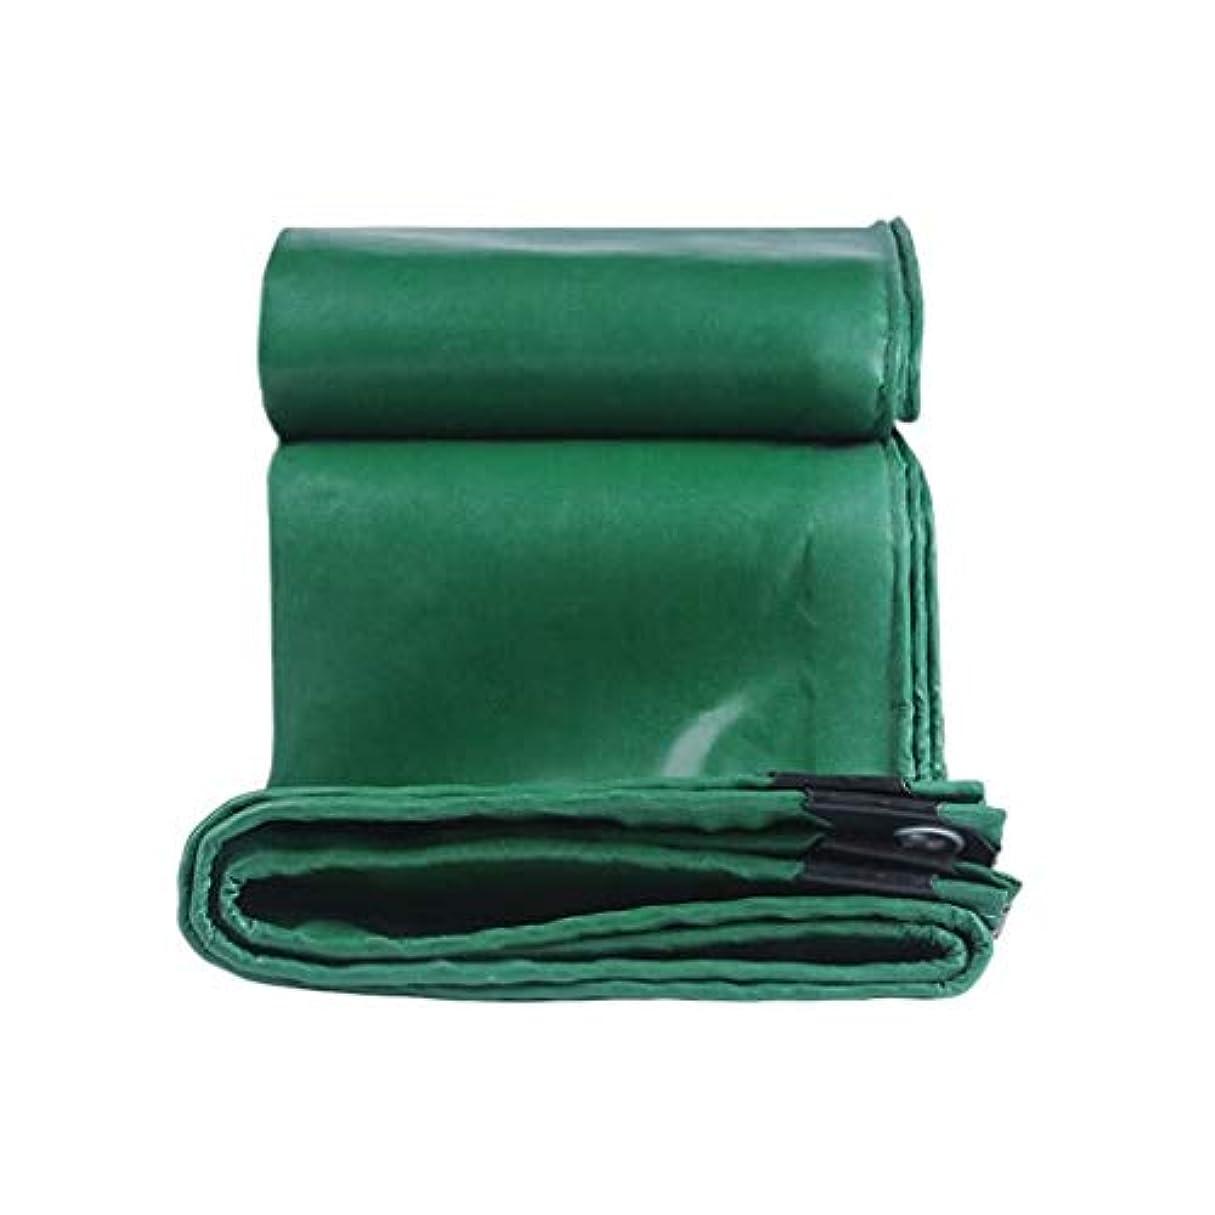 醜いイタリック方程式ZX タープ 多目的ターポリン防水屋外のキャンプ防水シート自動車のカバーテントボートに最適 テント アウトドア (Color : Green, Size : 5x6m)